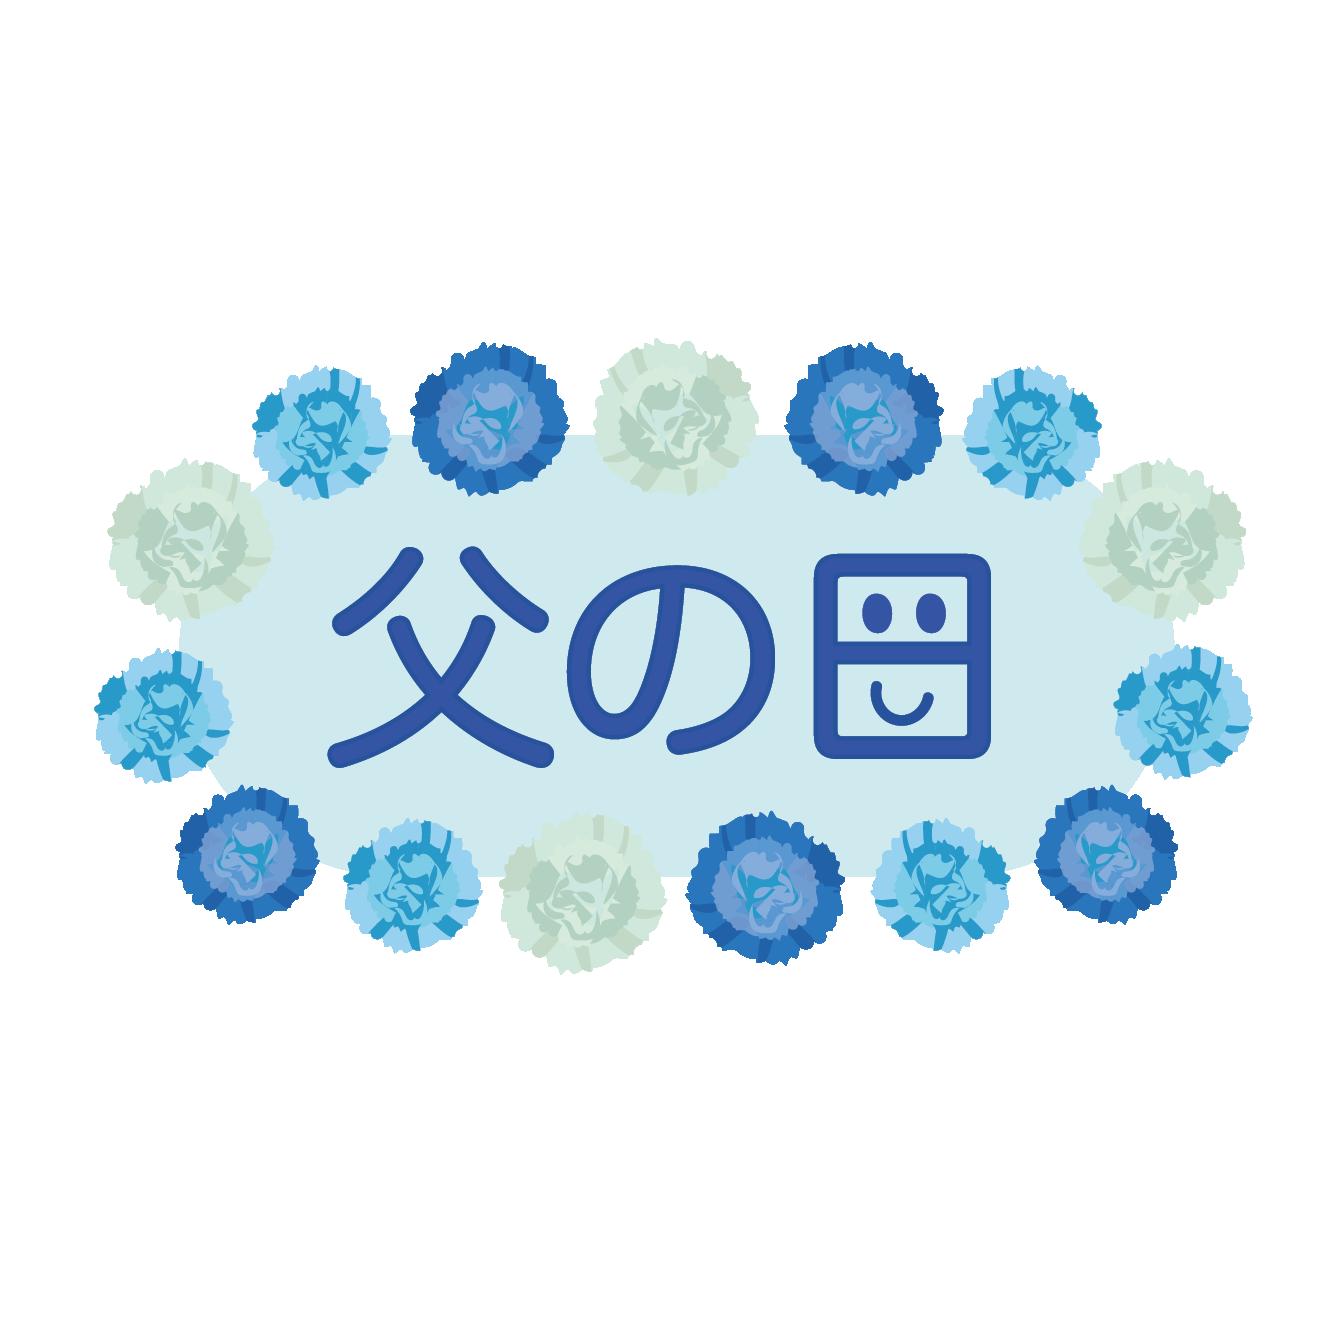 父の日の かわいいロゴ文字 イラスト | 商用フリー(無料)のイラスト